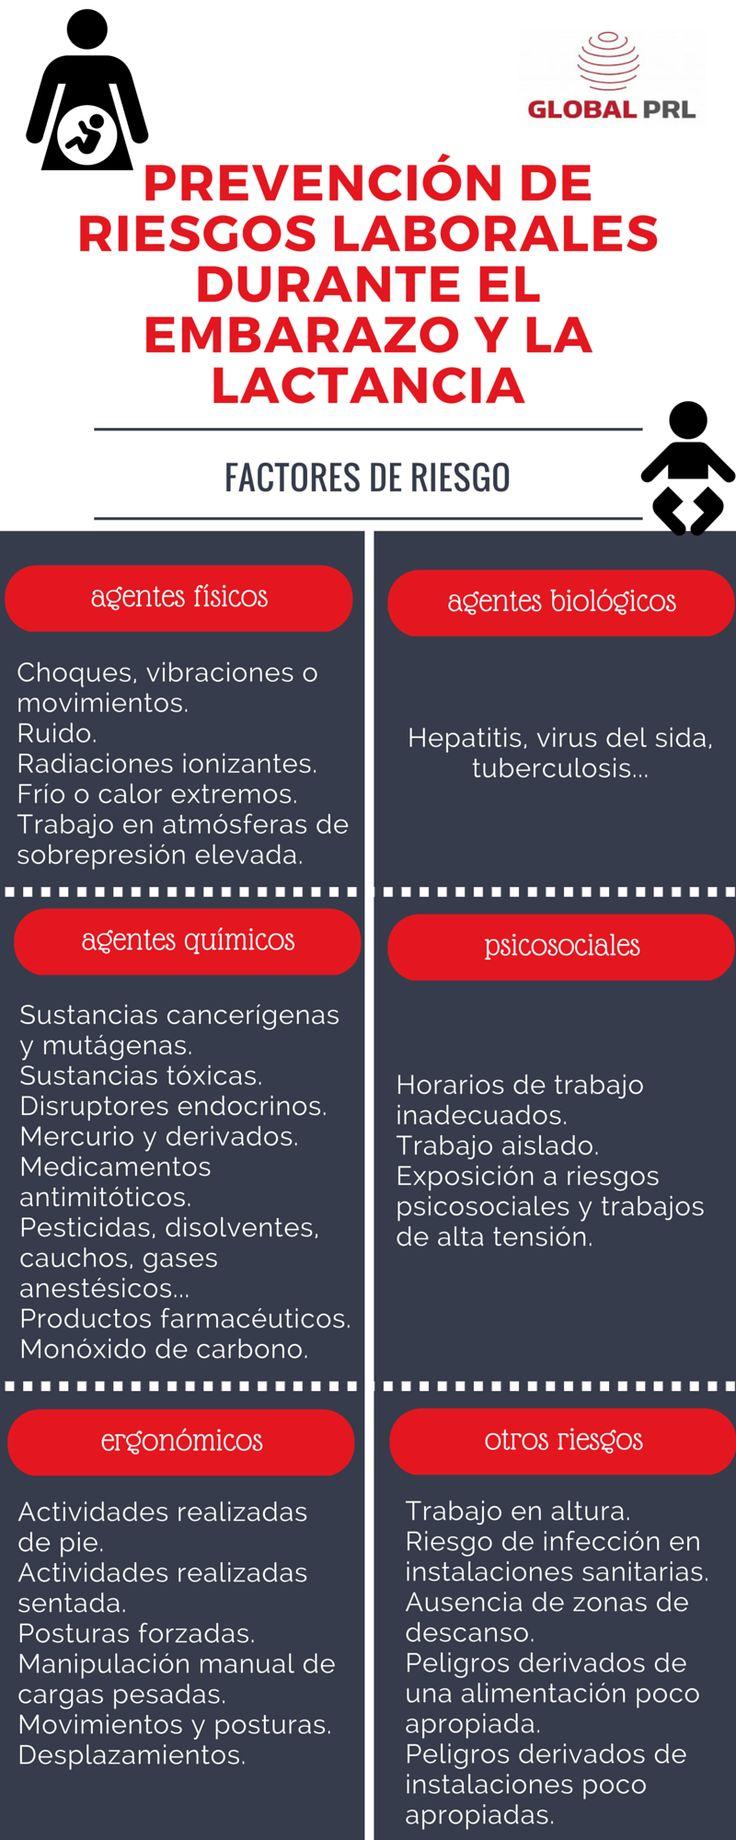 Prevención de riesgos laborales durante el embarazo y la lactancia. Principales riesgos. #FelizJueves #prl #embarazo